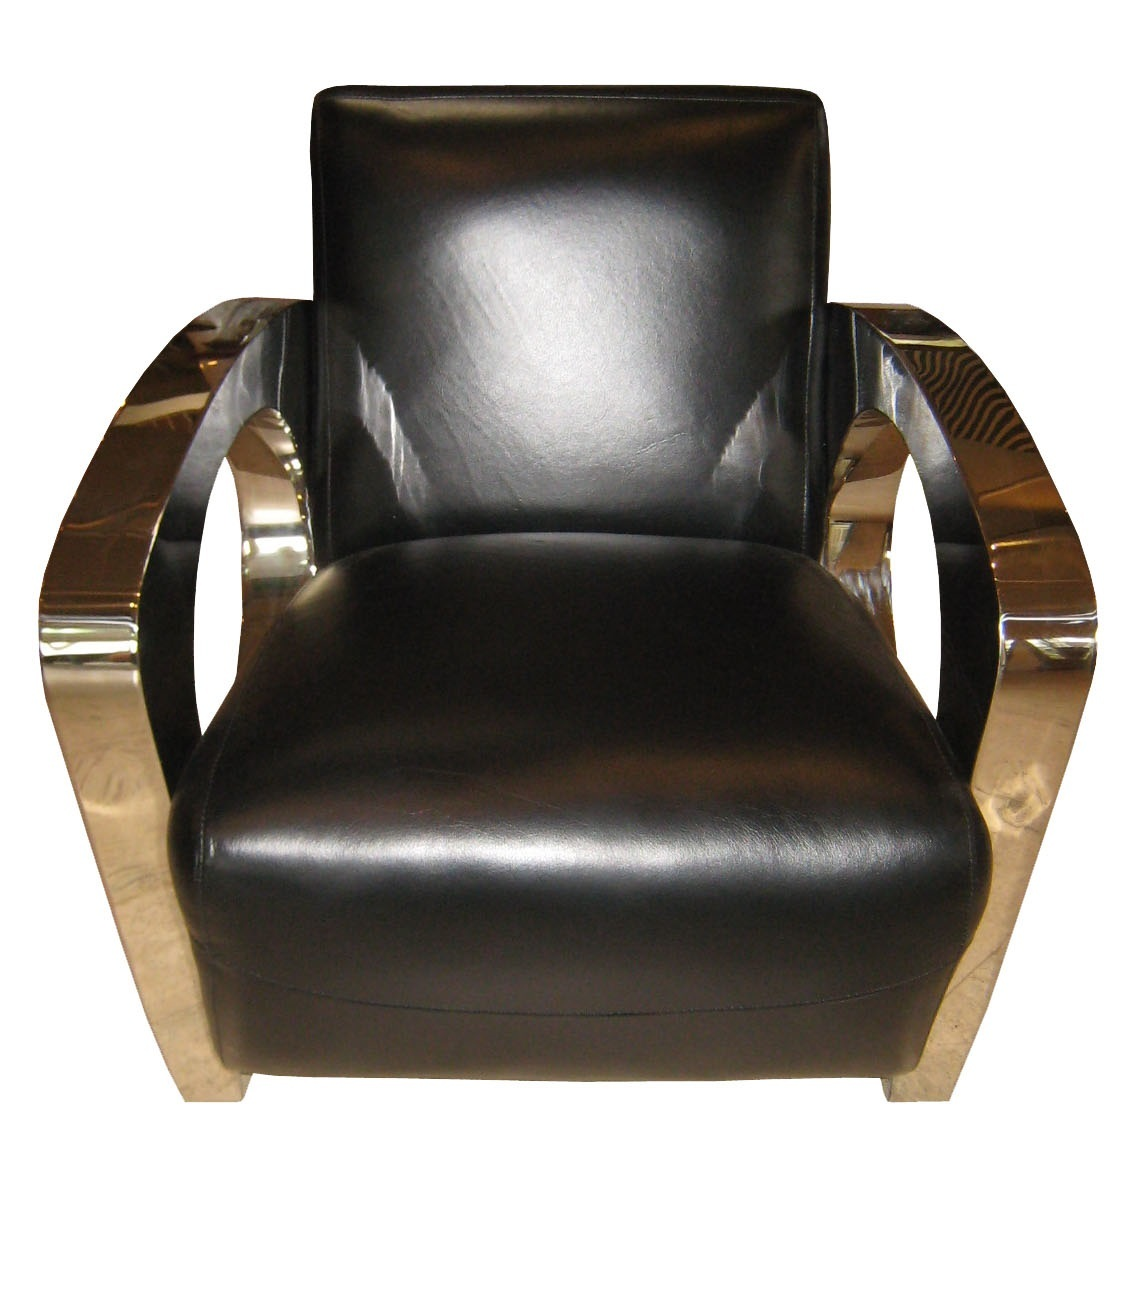 schokoladiges leder echtleder vintage original art deko stil retro schafsleder handpoliert. Black Bedroom Furniture Sets. Home Design Ideas